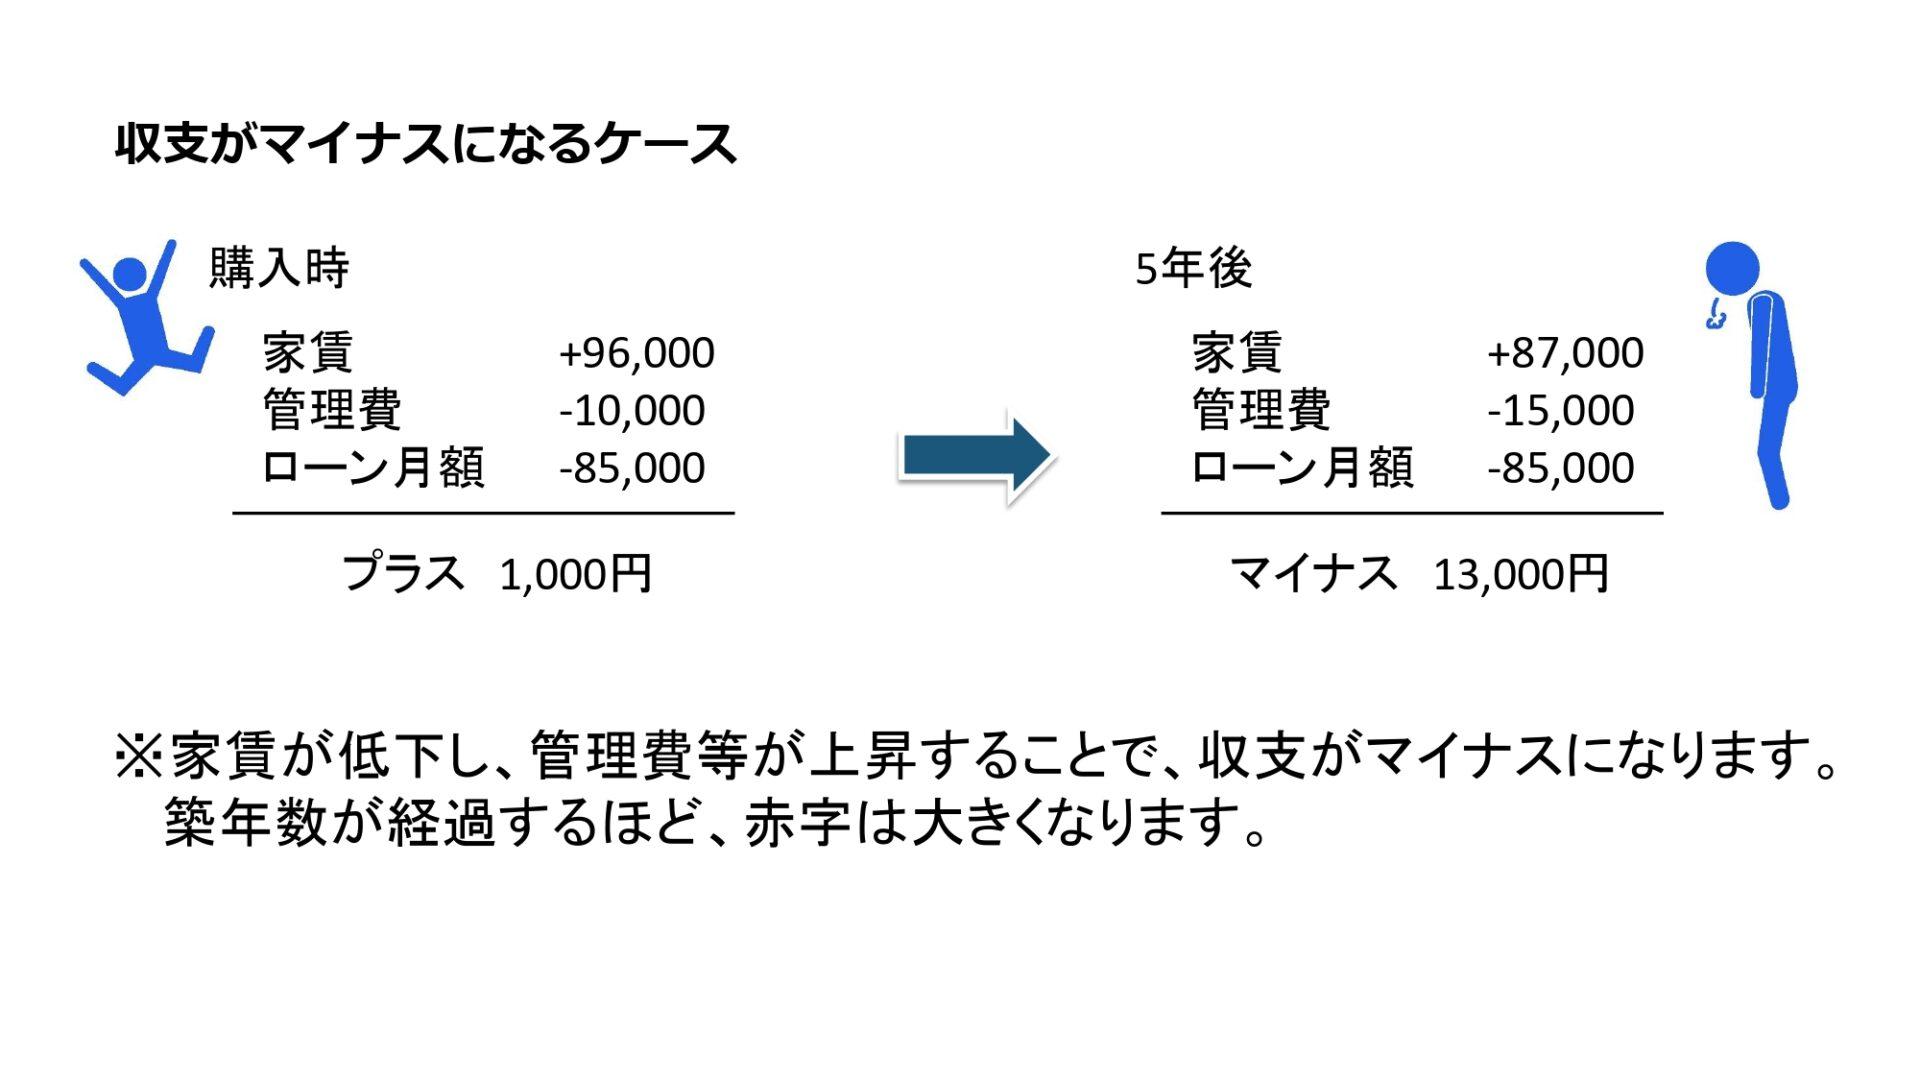 収支がマイナスになっているピクトグラム